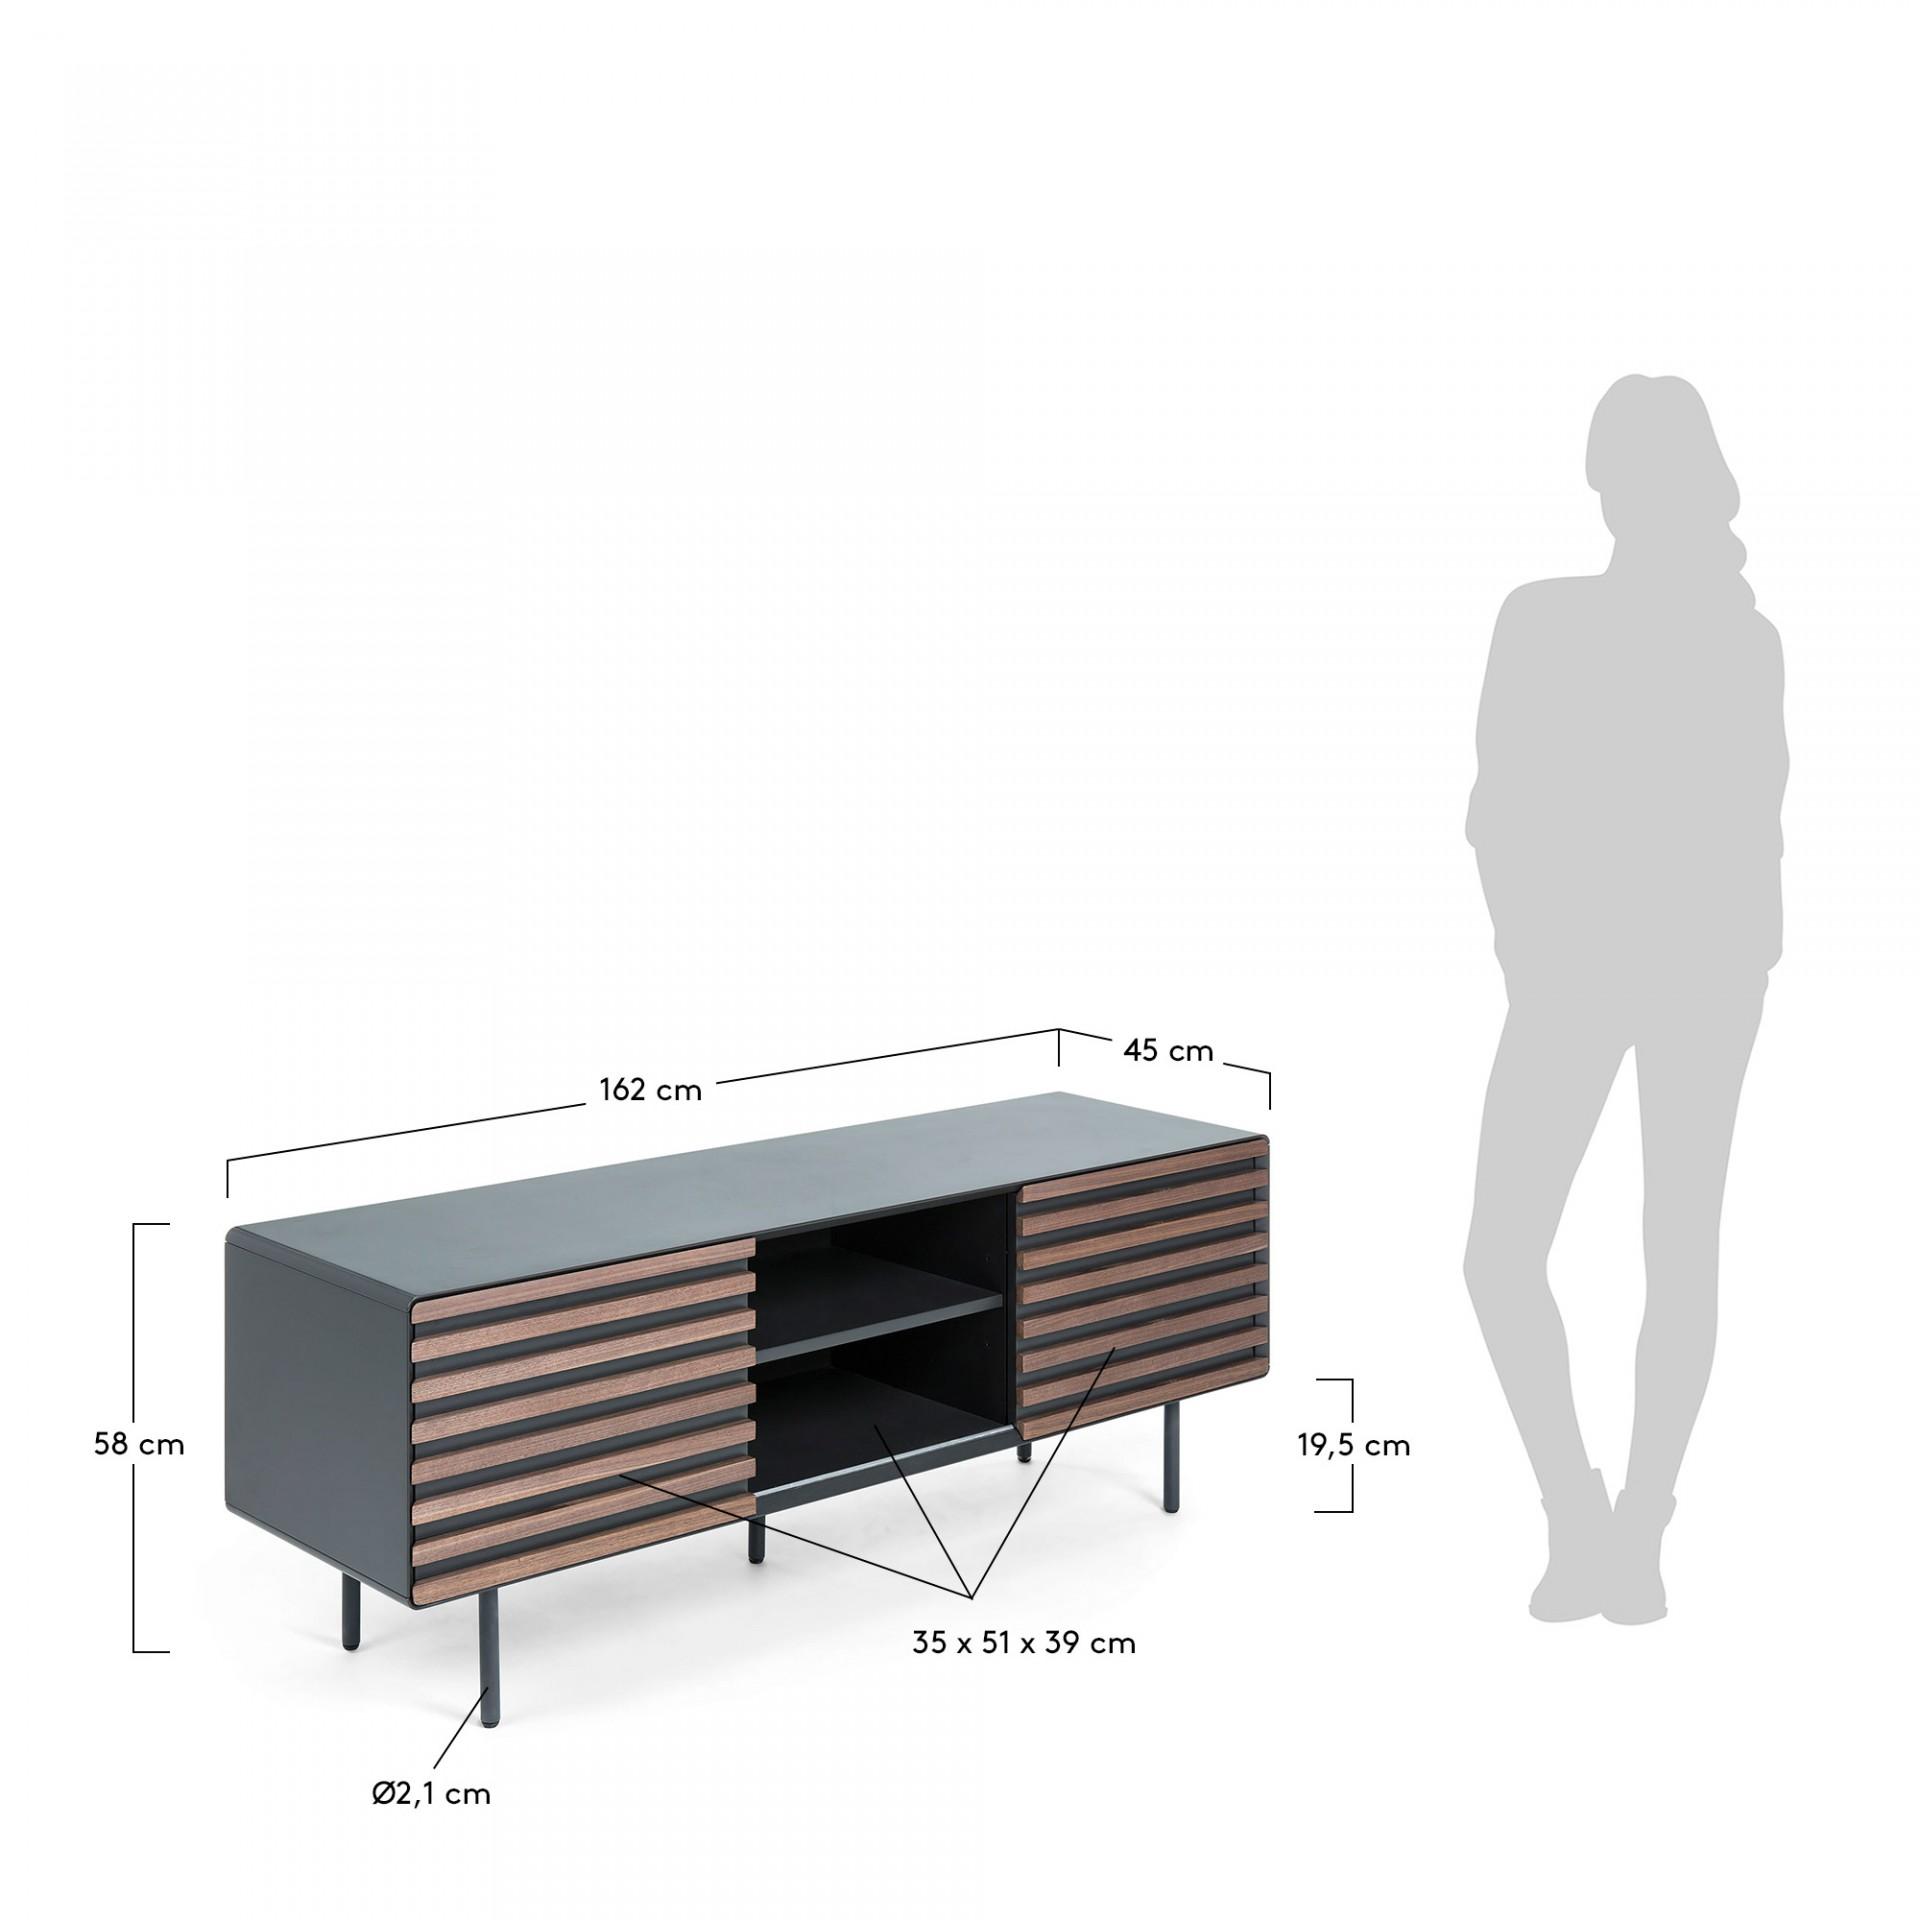 Móvel TV Kasia, MDF lacado/madeira de nogueira, 162x58